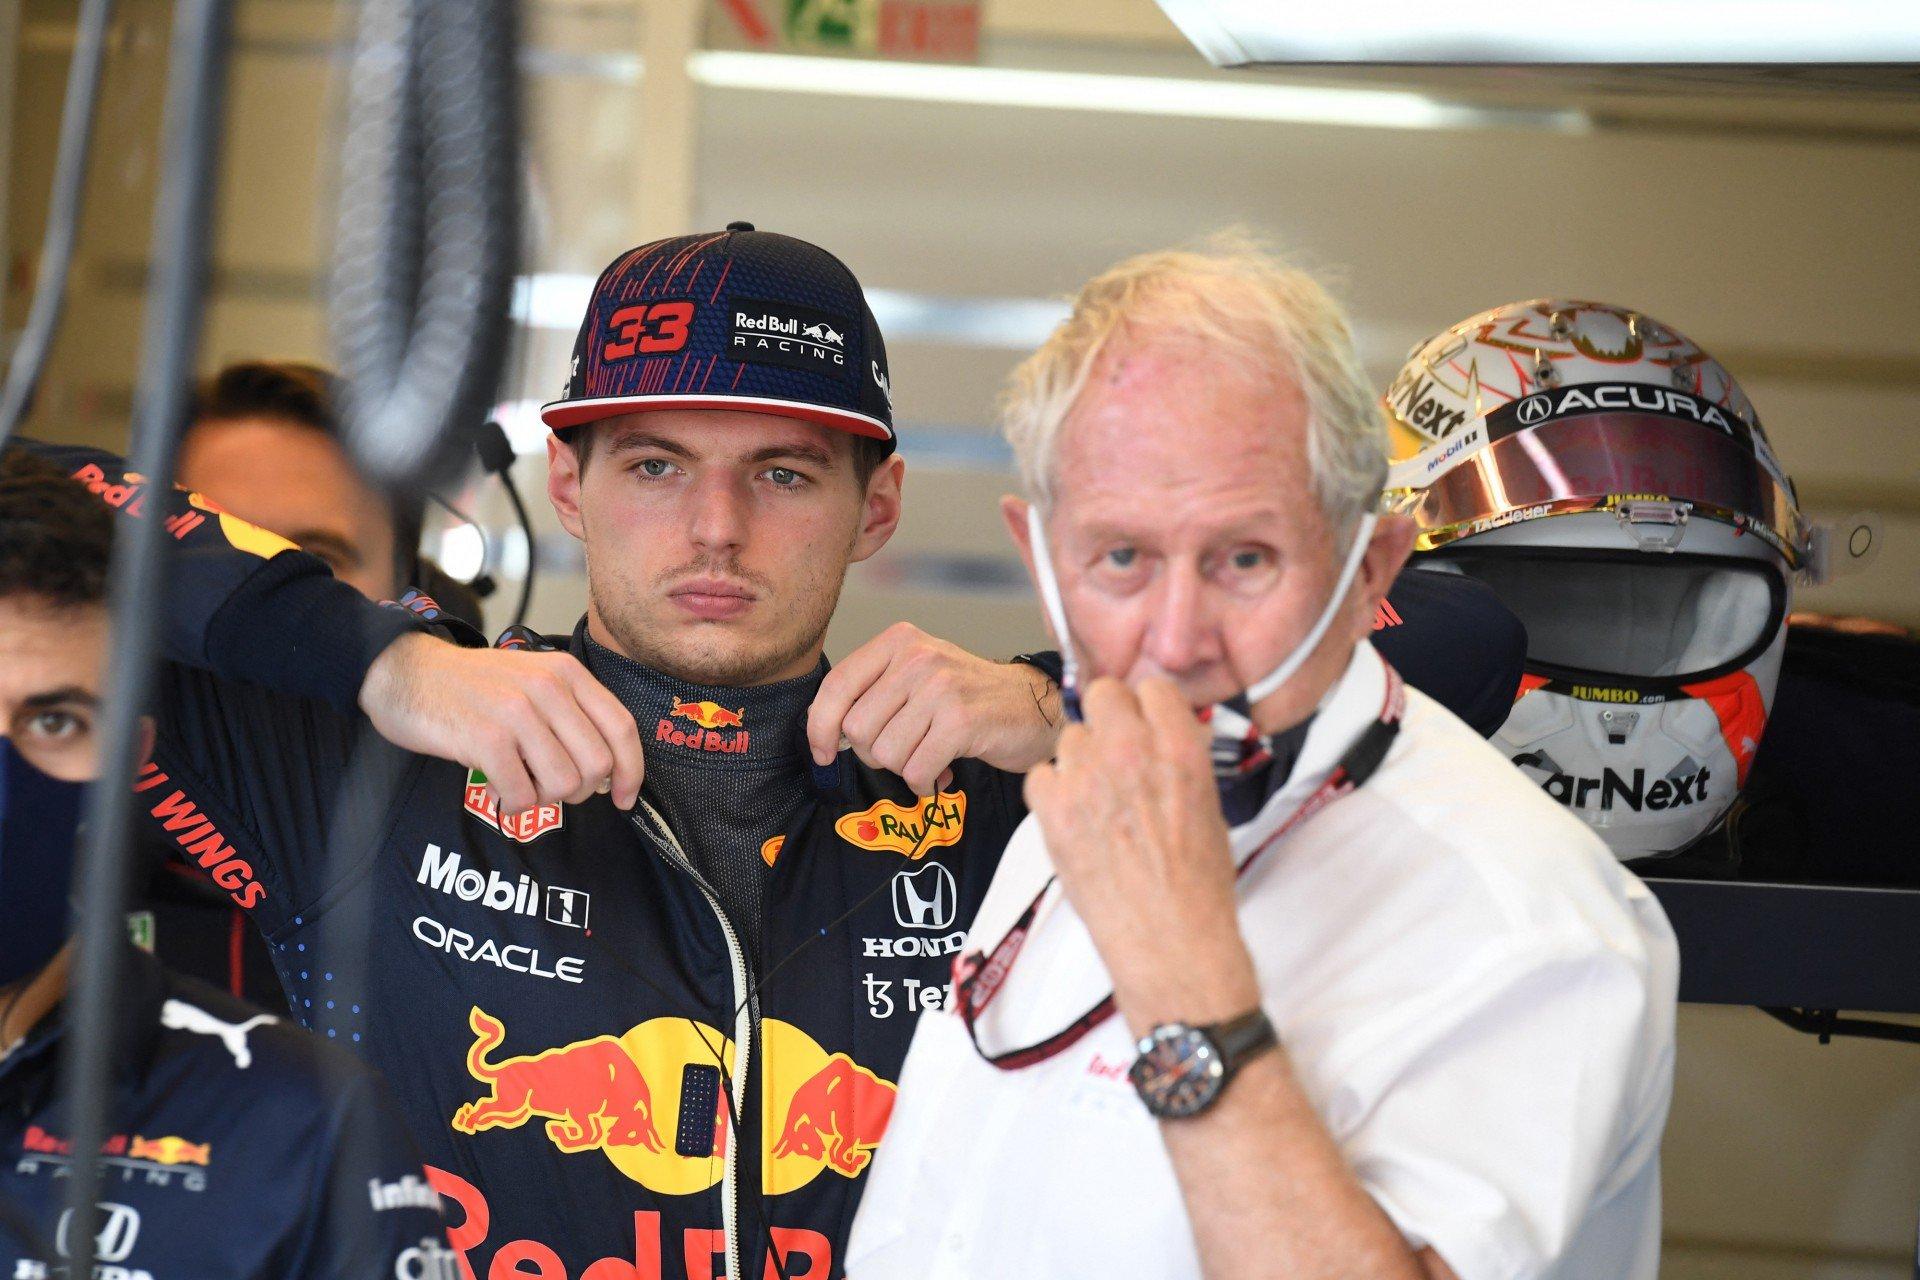 Verstappen xinga e aponta dedo médio para Hamilton durante treino do GP dos EUA